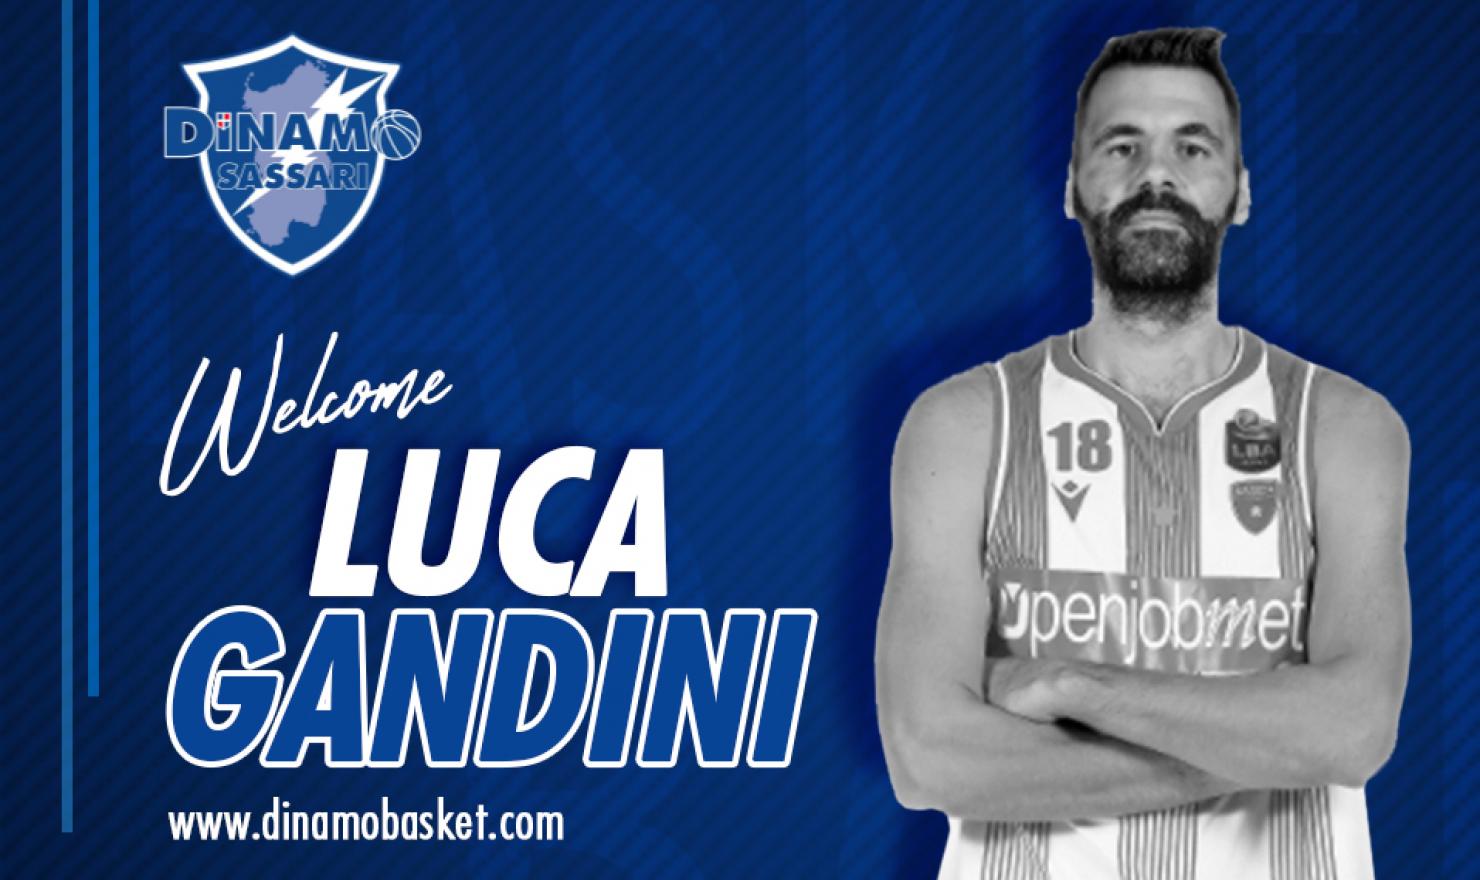 La Dinamo Sassari ufficializza Luca Gandini